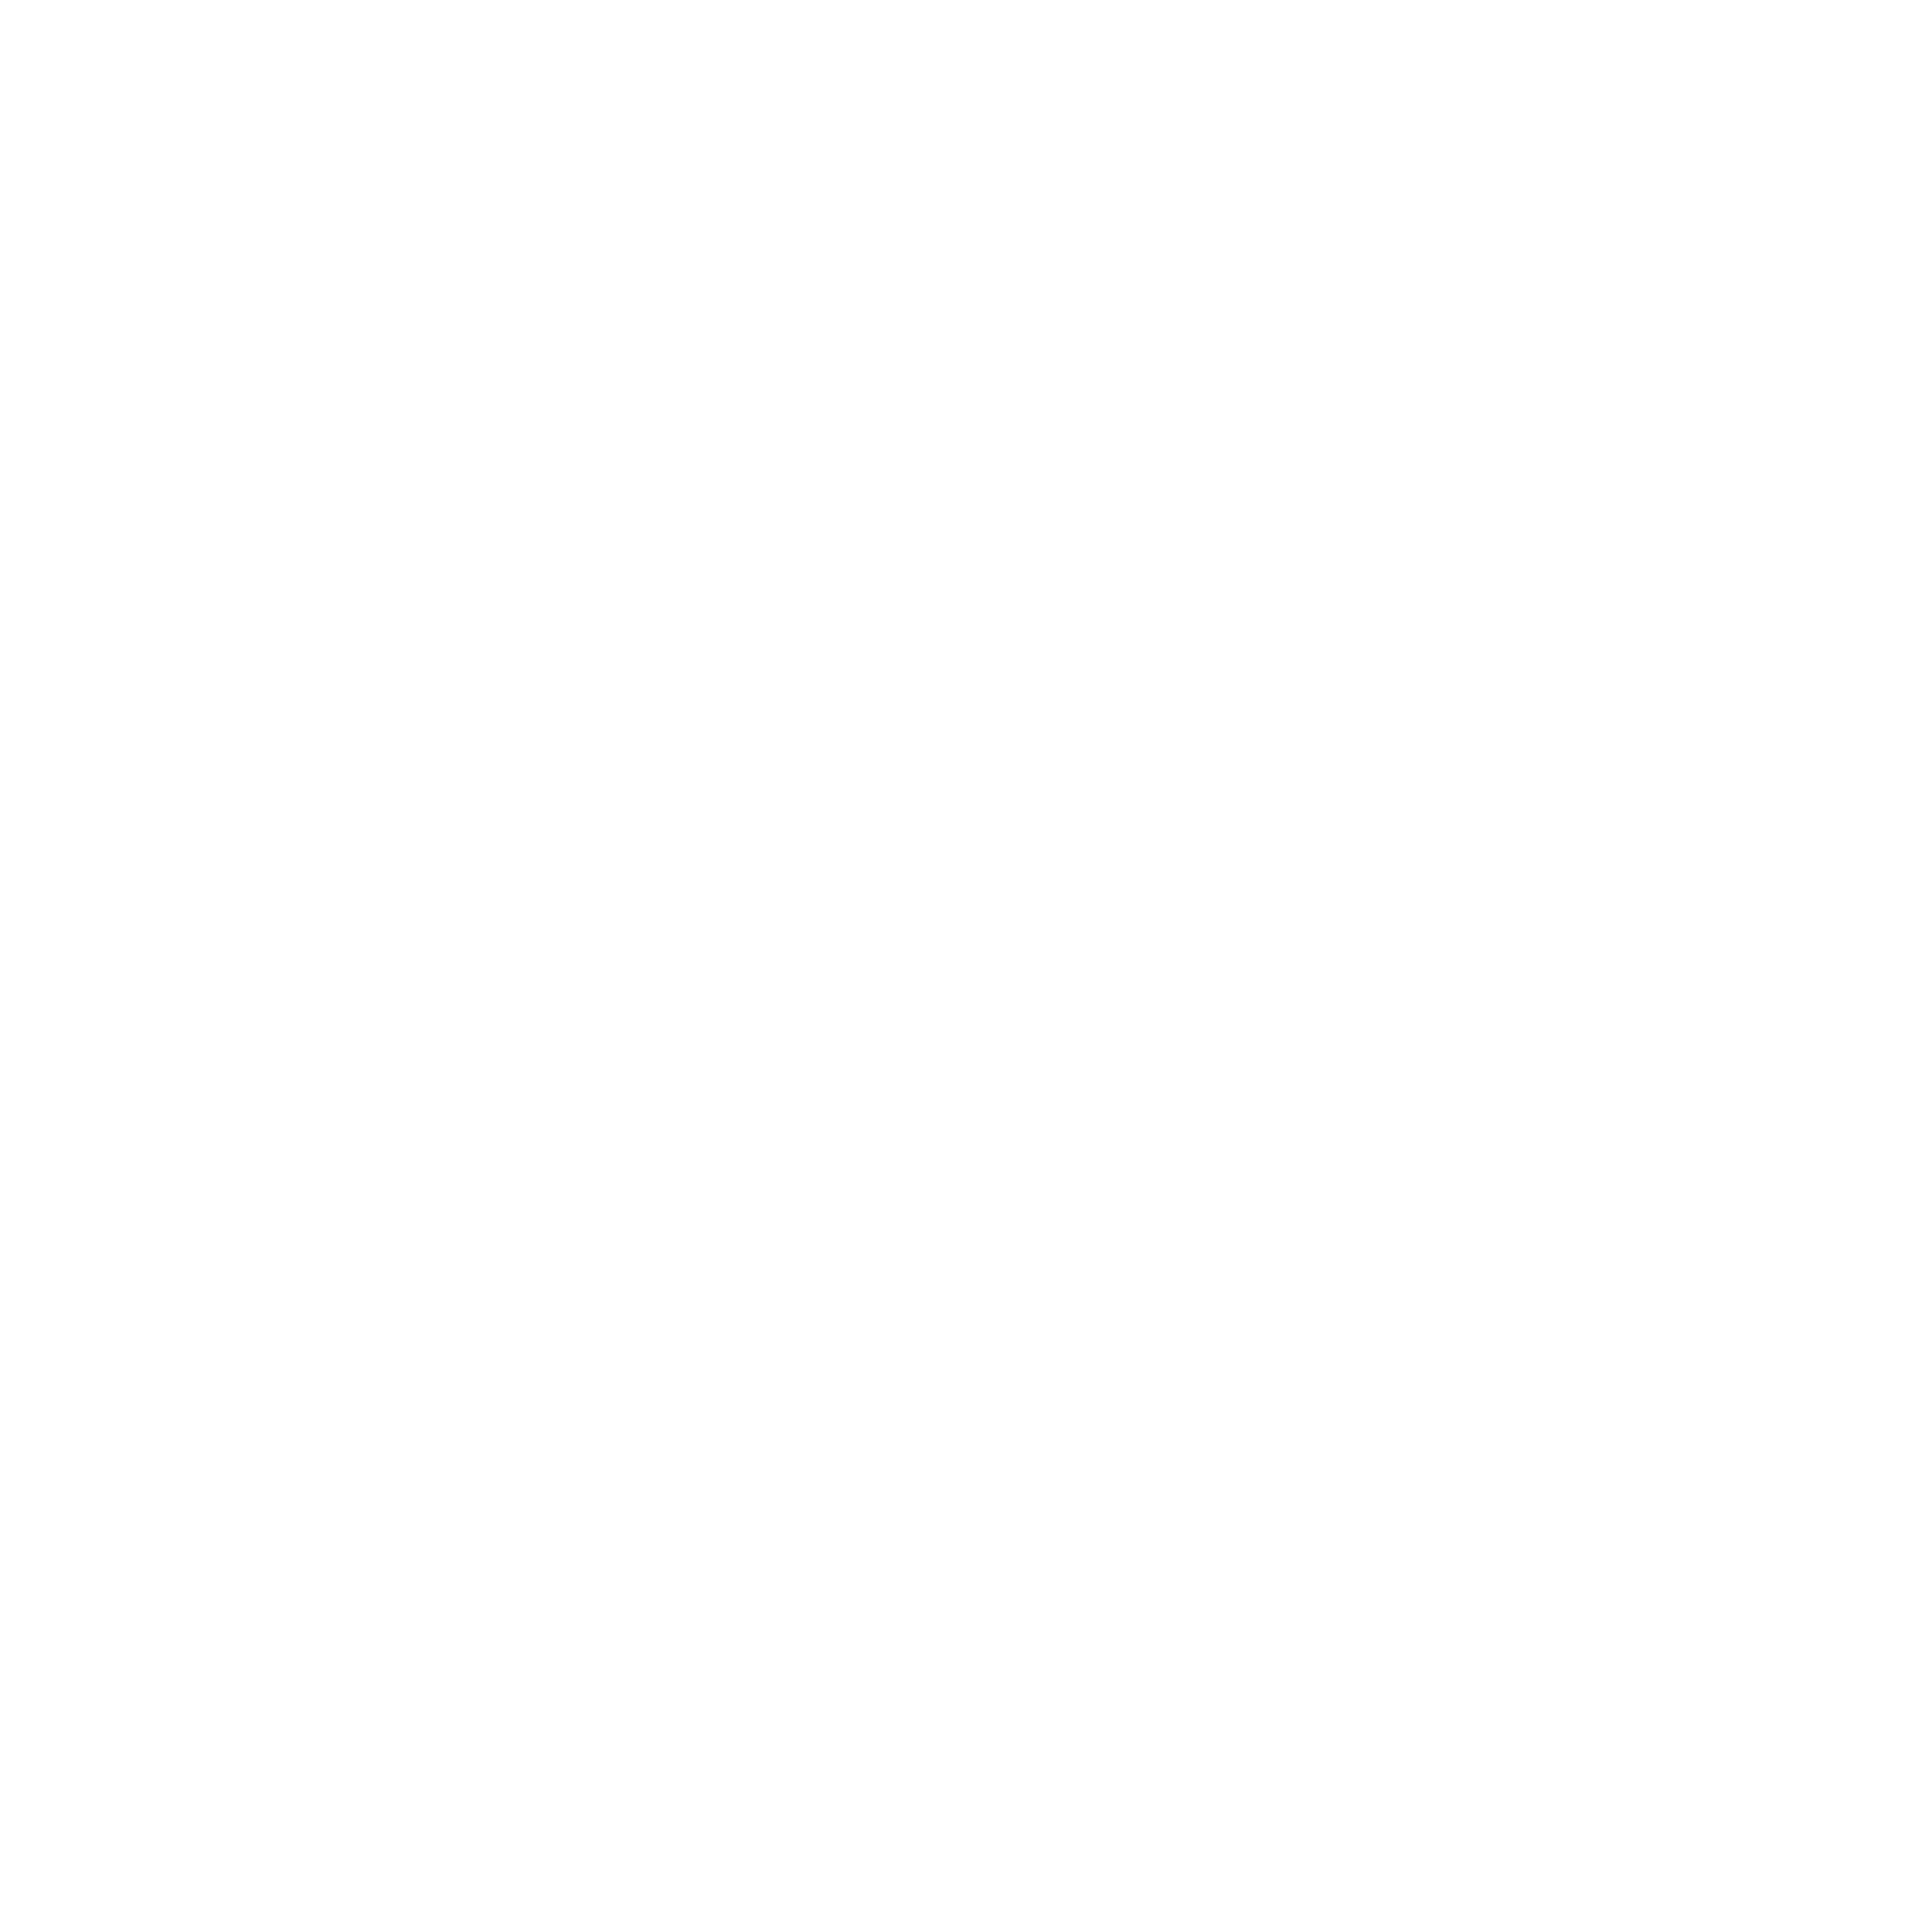 Logo de la Revista Bfit